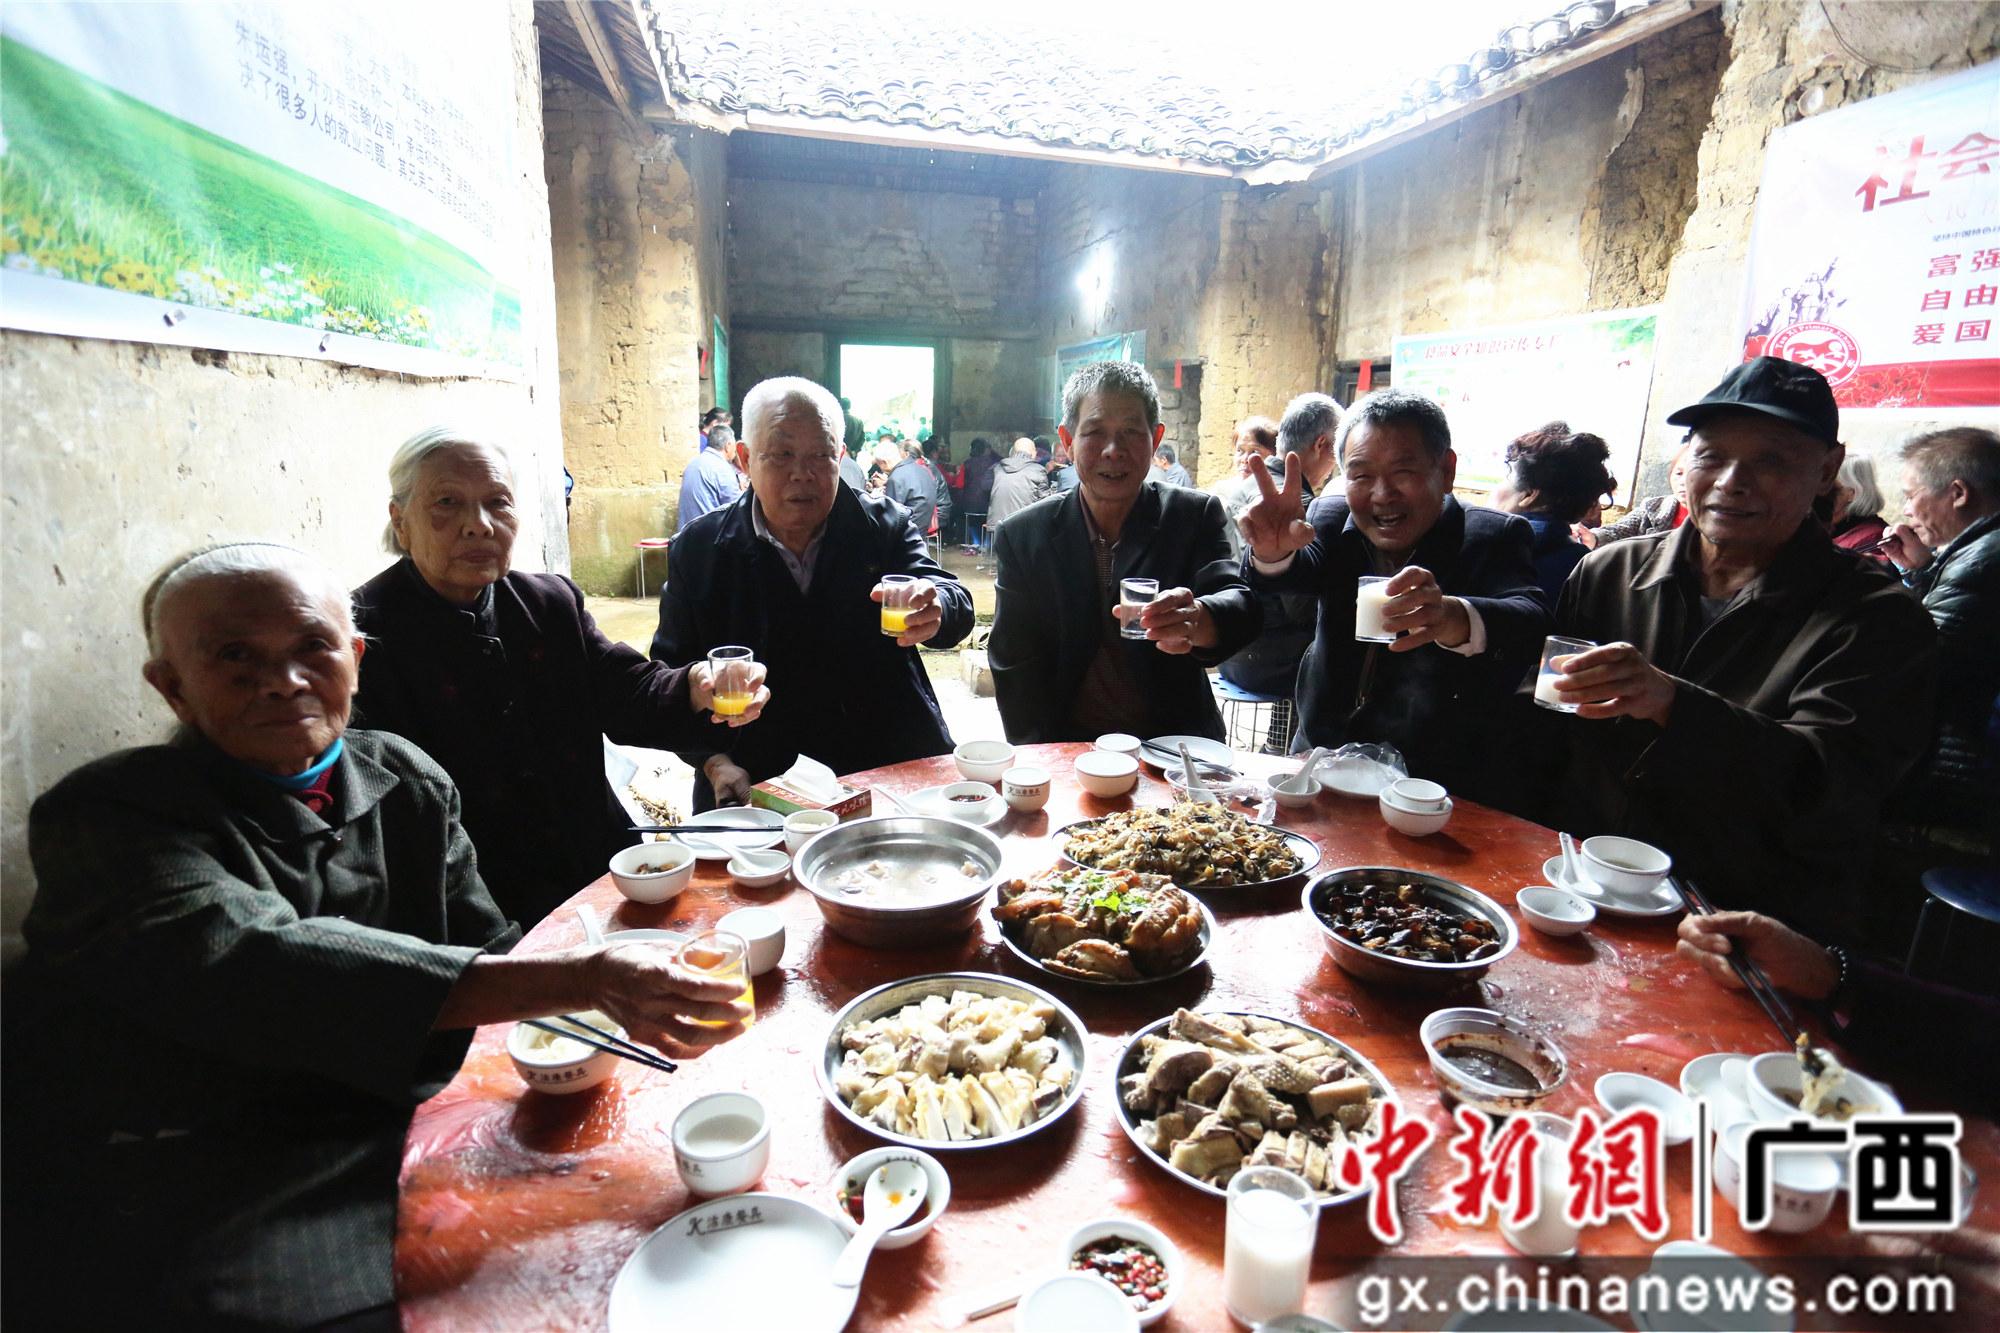 广西柳州农村青年重阳敬老 给老人摆宴席发红包